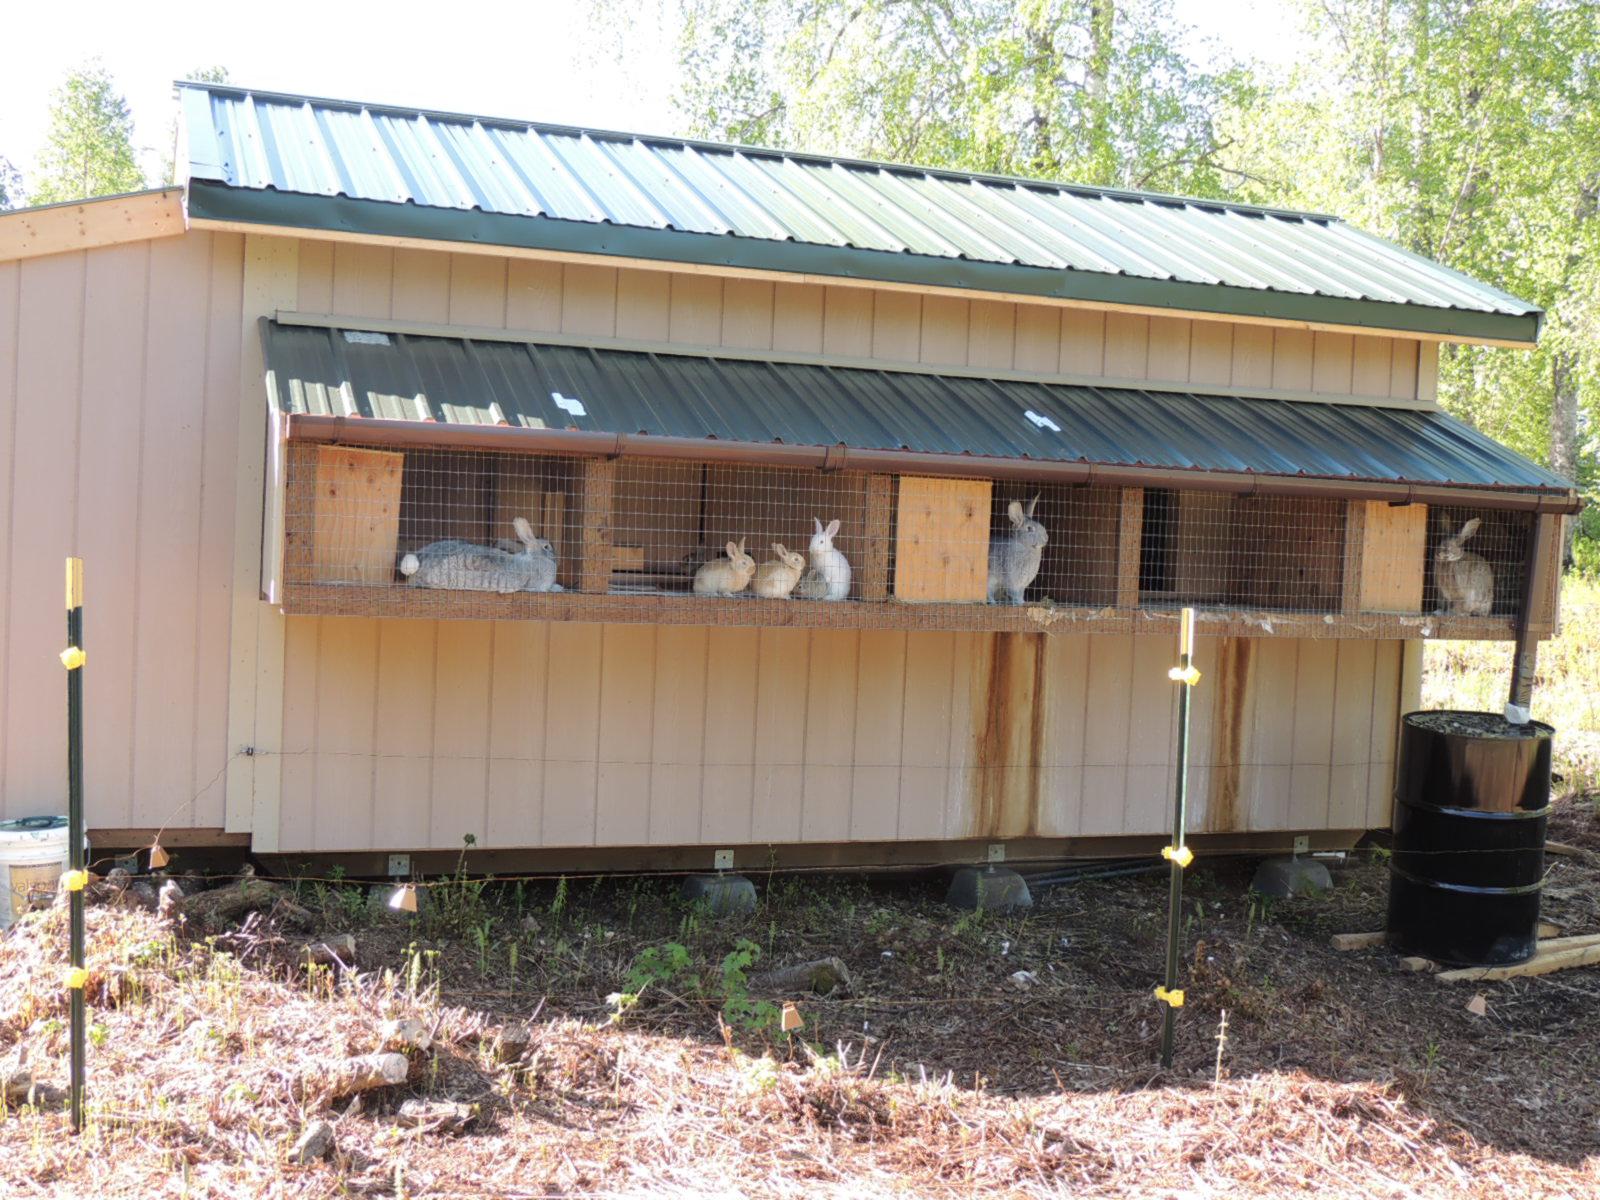 alaska bush life off road off grid raising meat rabbits in alaska